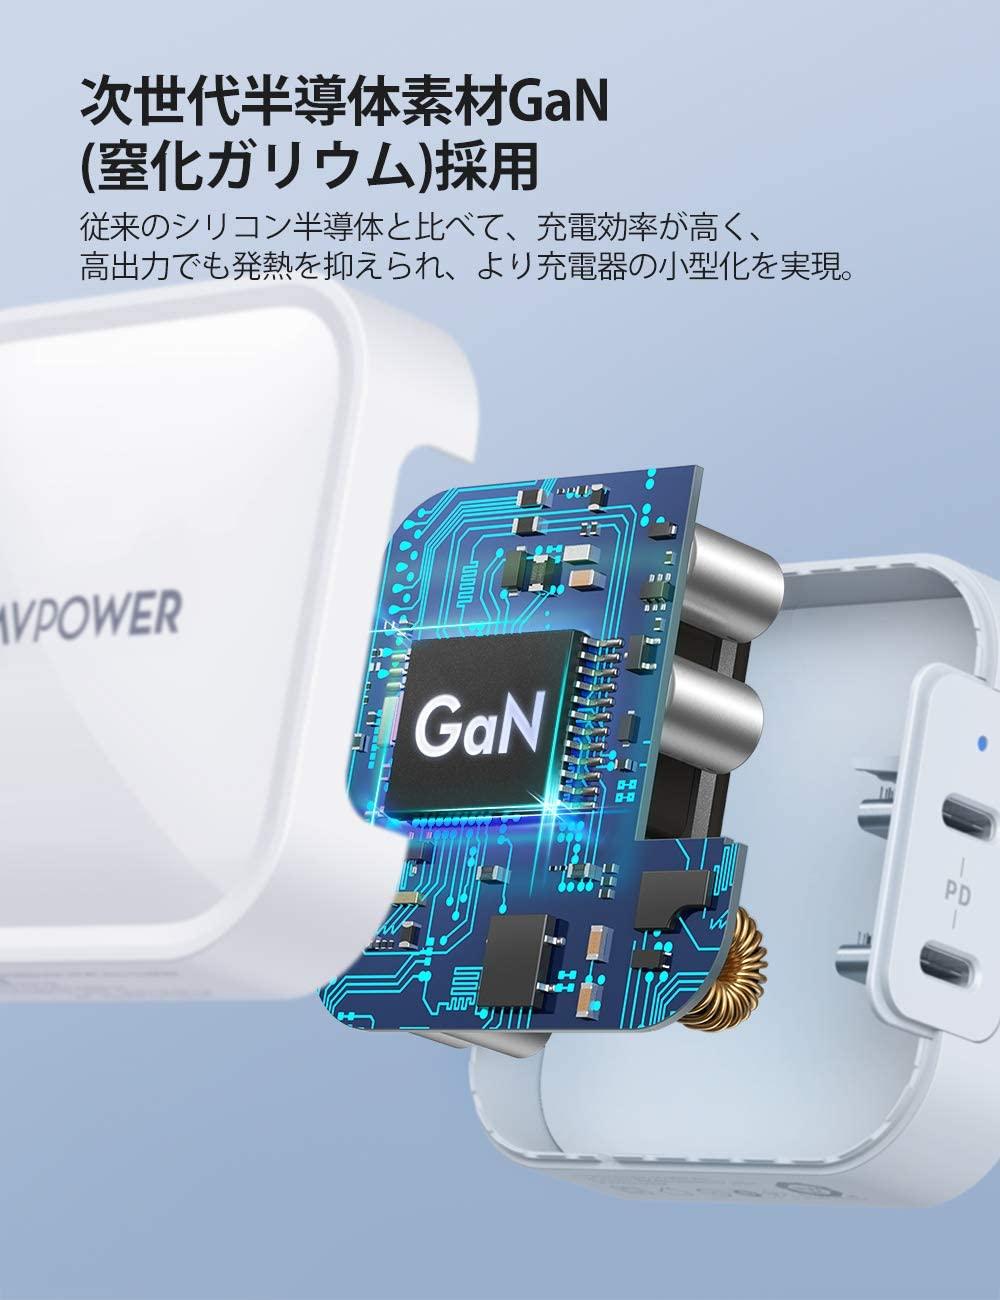 アマゾンでRAVPower PD 充電器 Type C 急速充電器 90W GaN採用2ポートの割引クーポンを配信中。